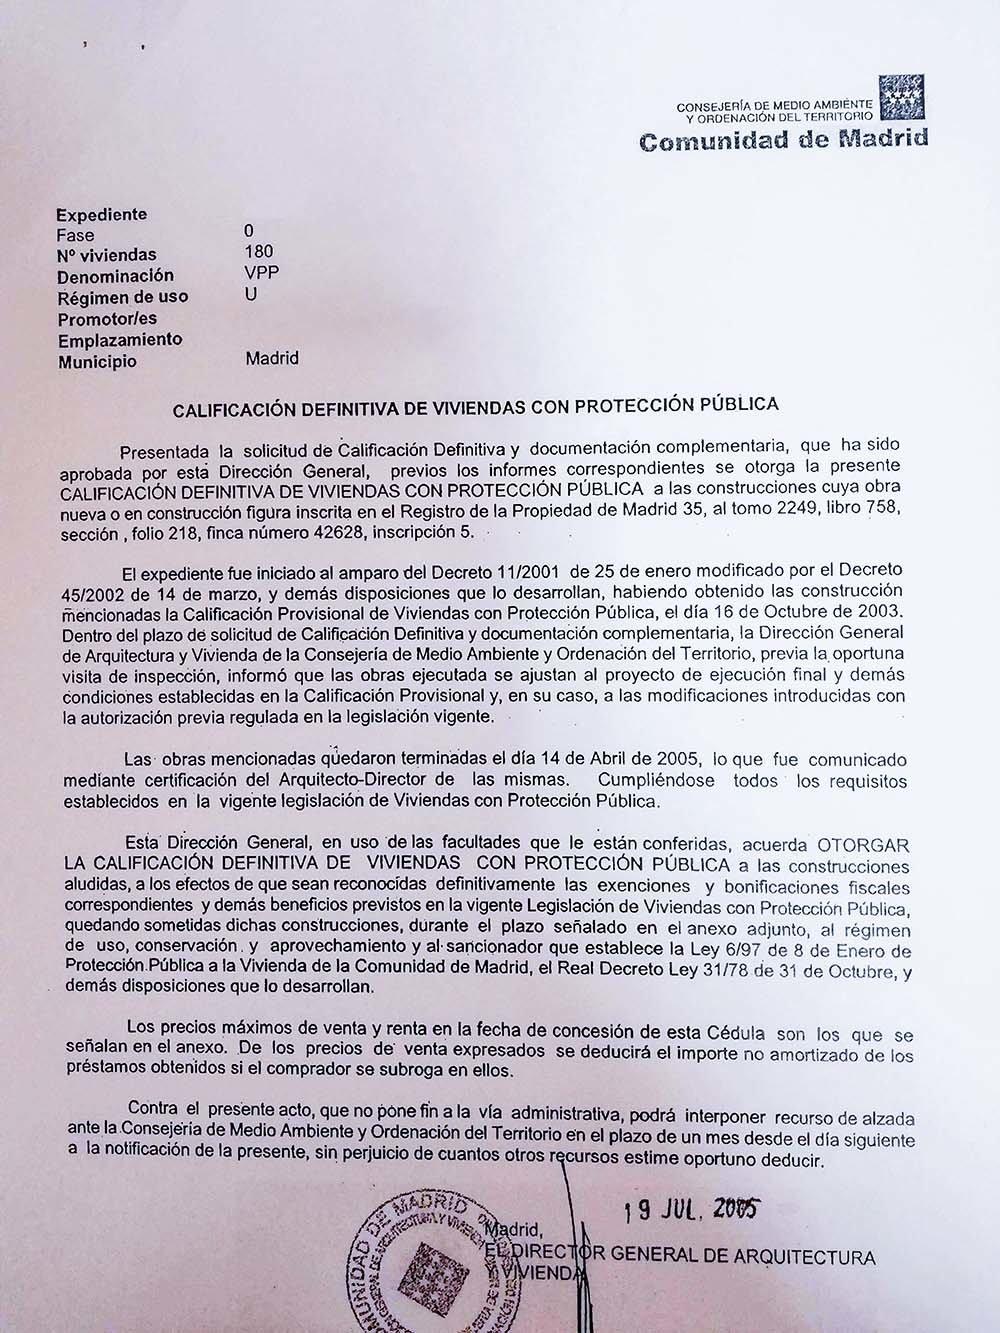 Ejemplo de calificación definitiva en la Comunidad de Madrid